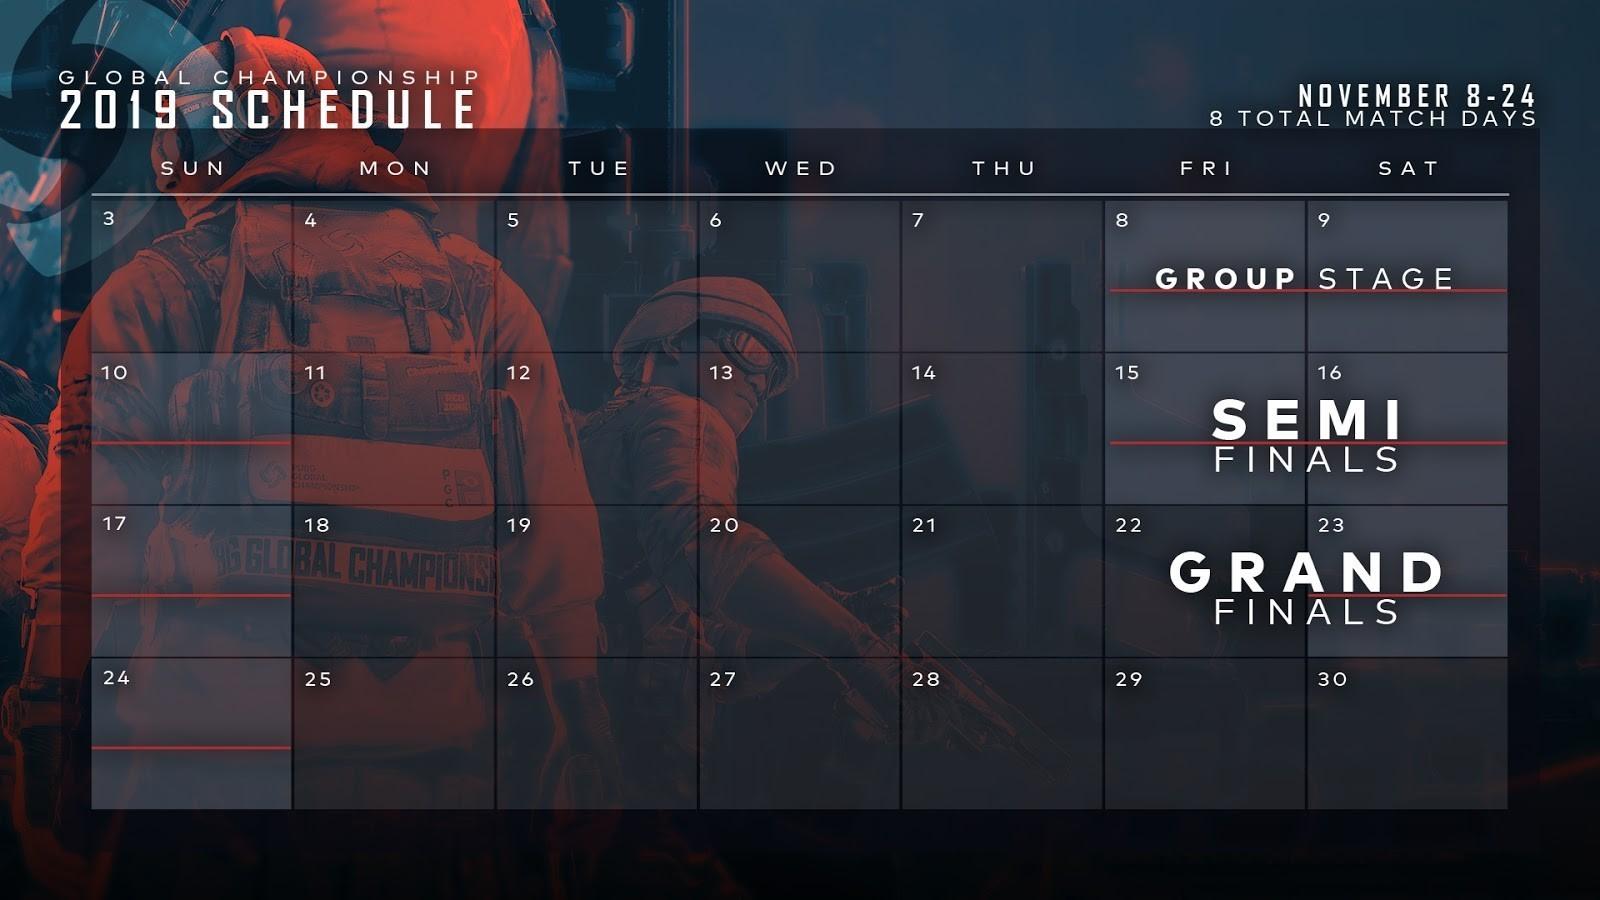 《绝地求生》2019世界冠军赛11月8日开战,官方公开详细赛程与专属纪念造型插图2